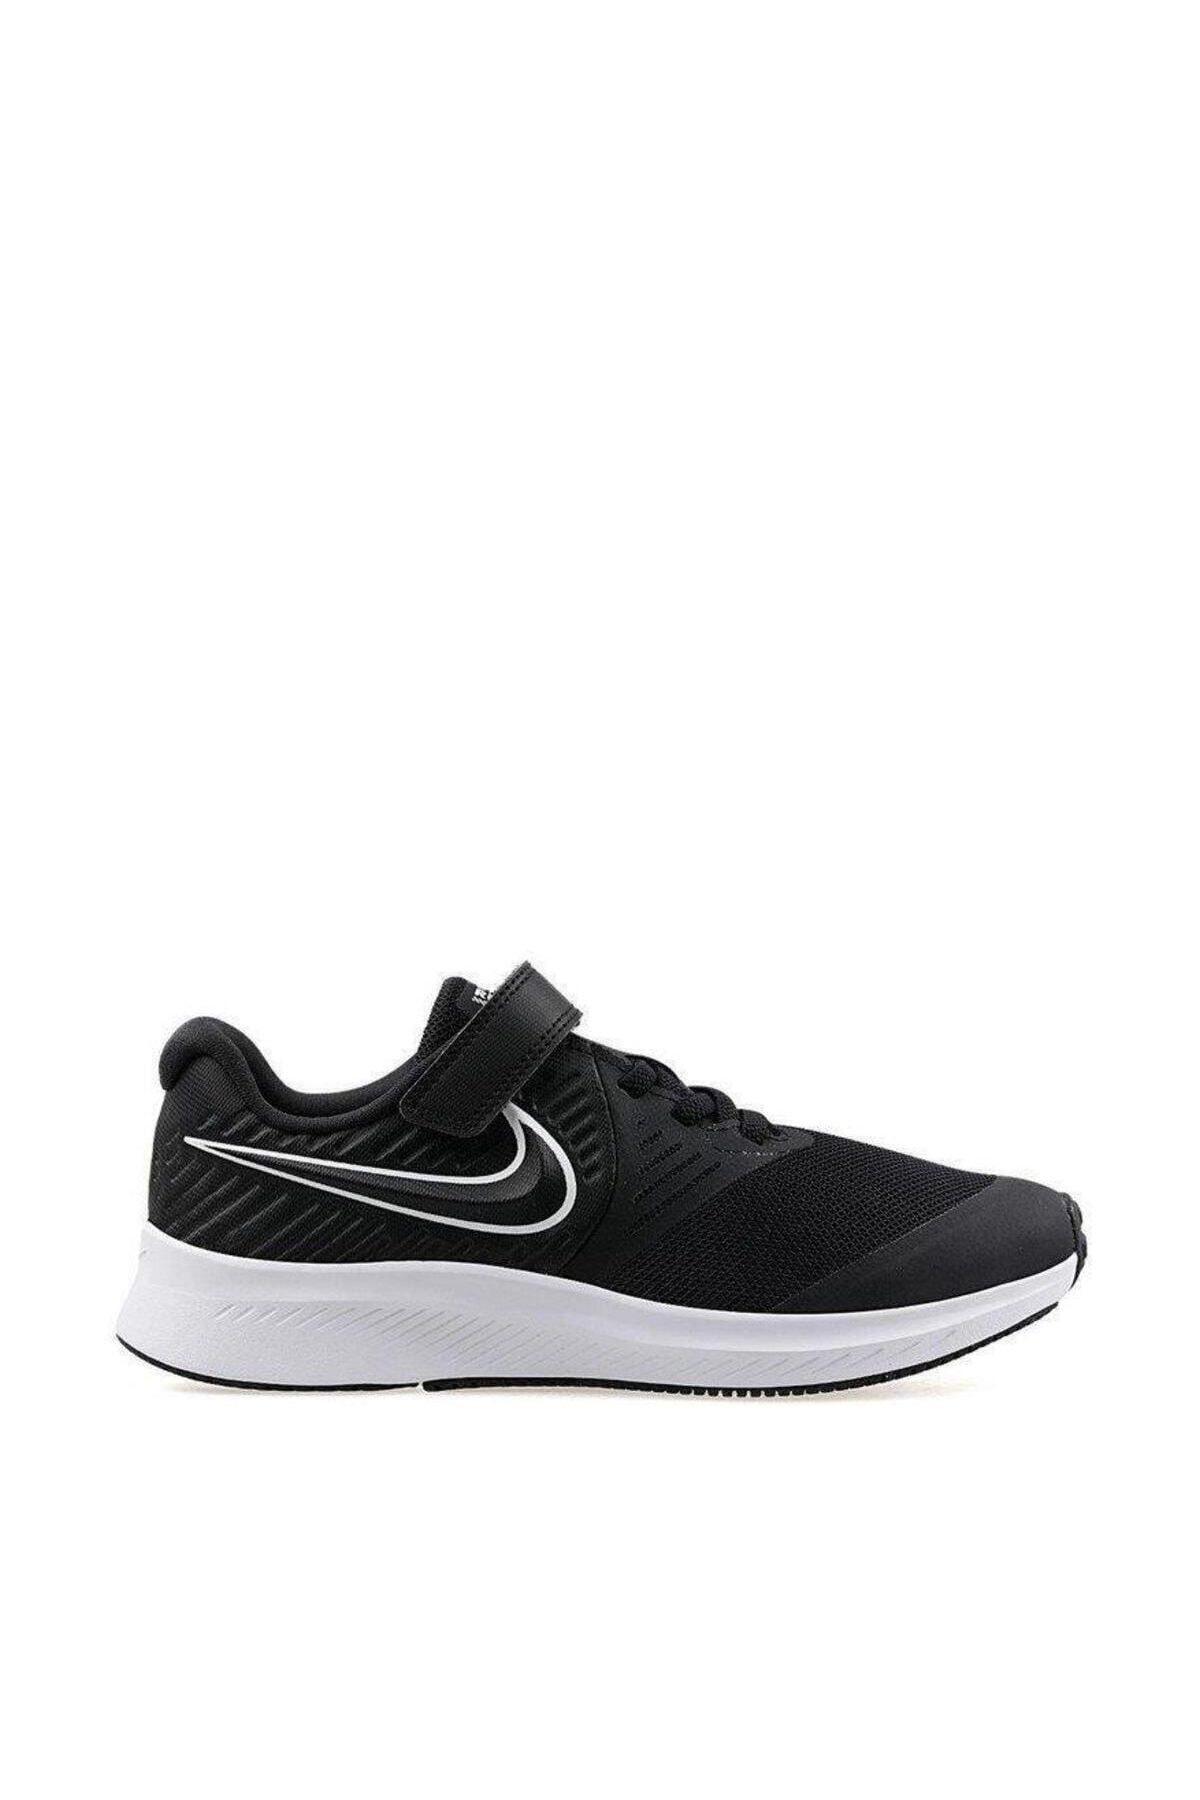 Nike Kids Star Runner 2 Çocuk Ayakkabısı 1